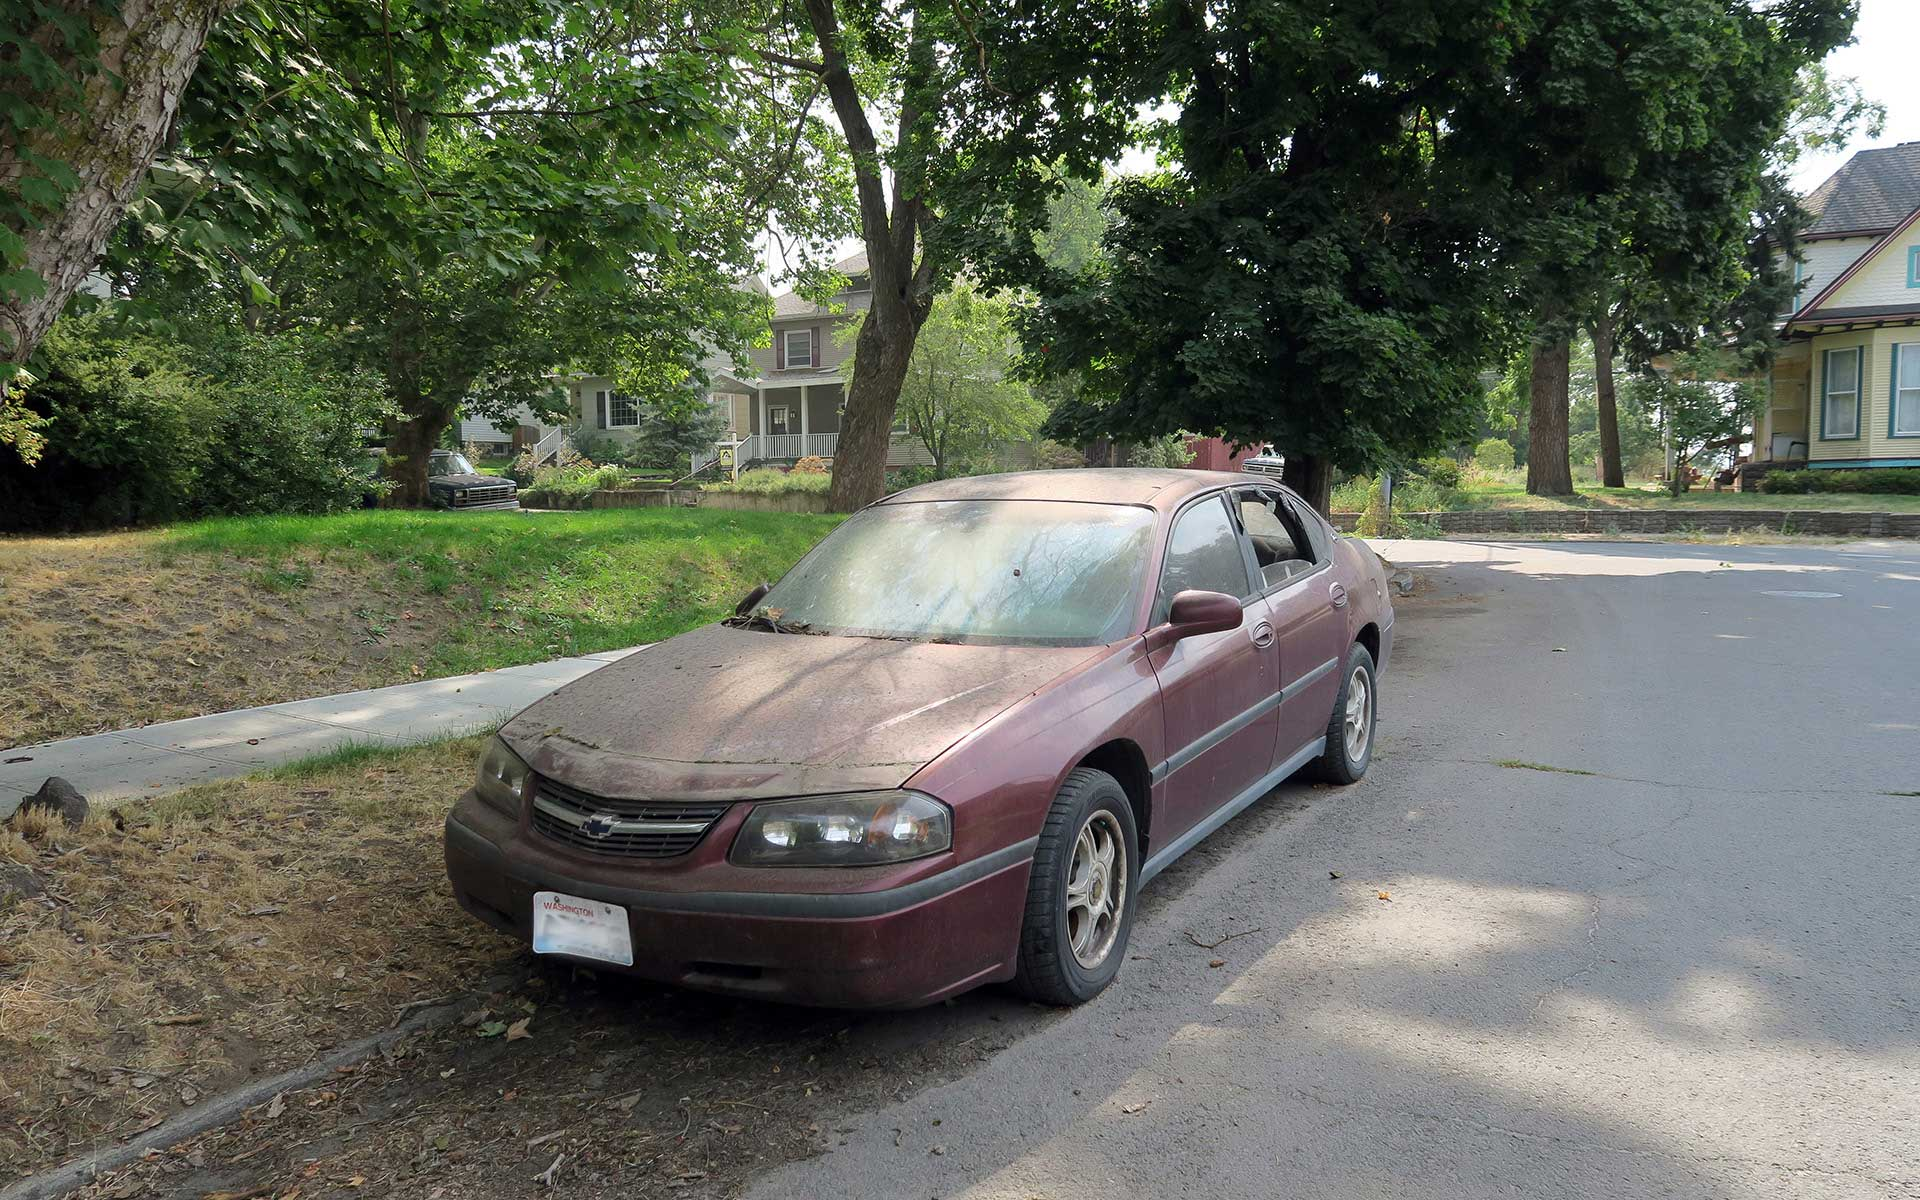 Is There An Abandoned Vehicle In Your Neighborhood City Of Spokane Washington